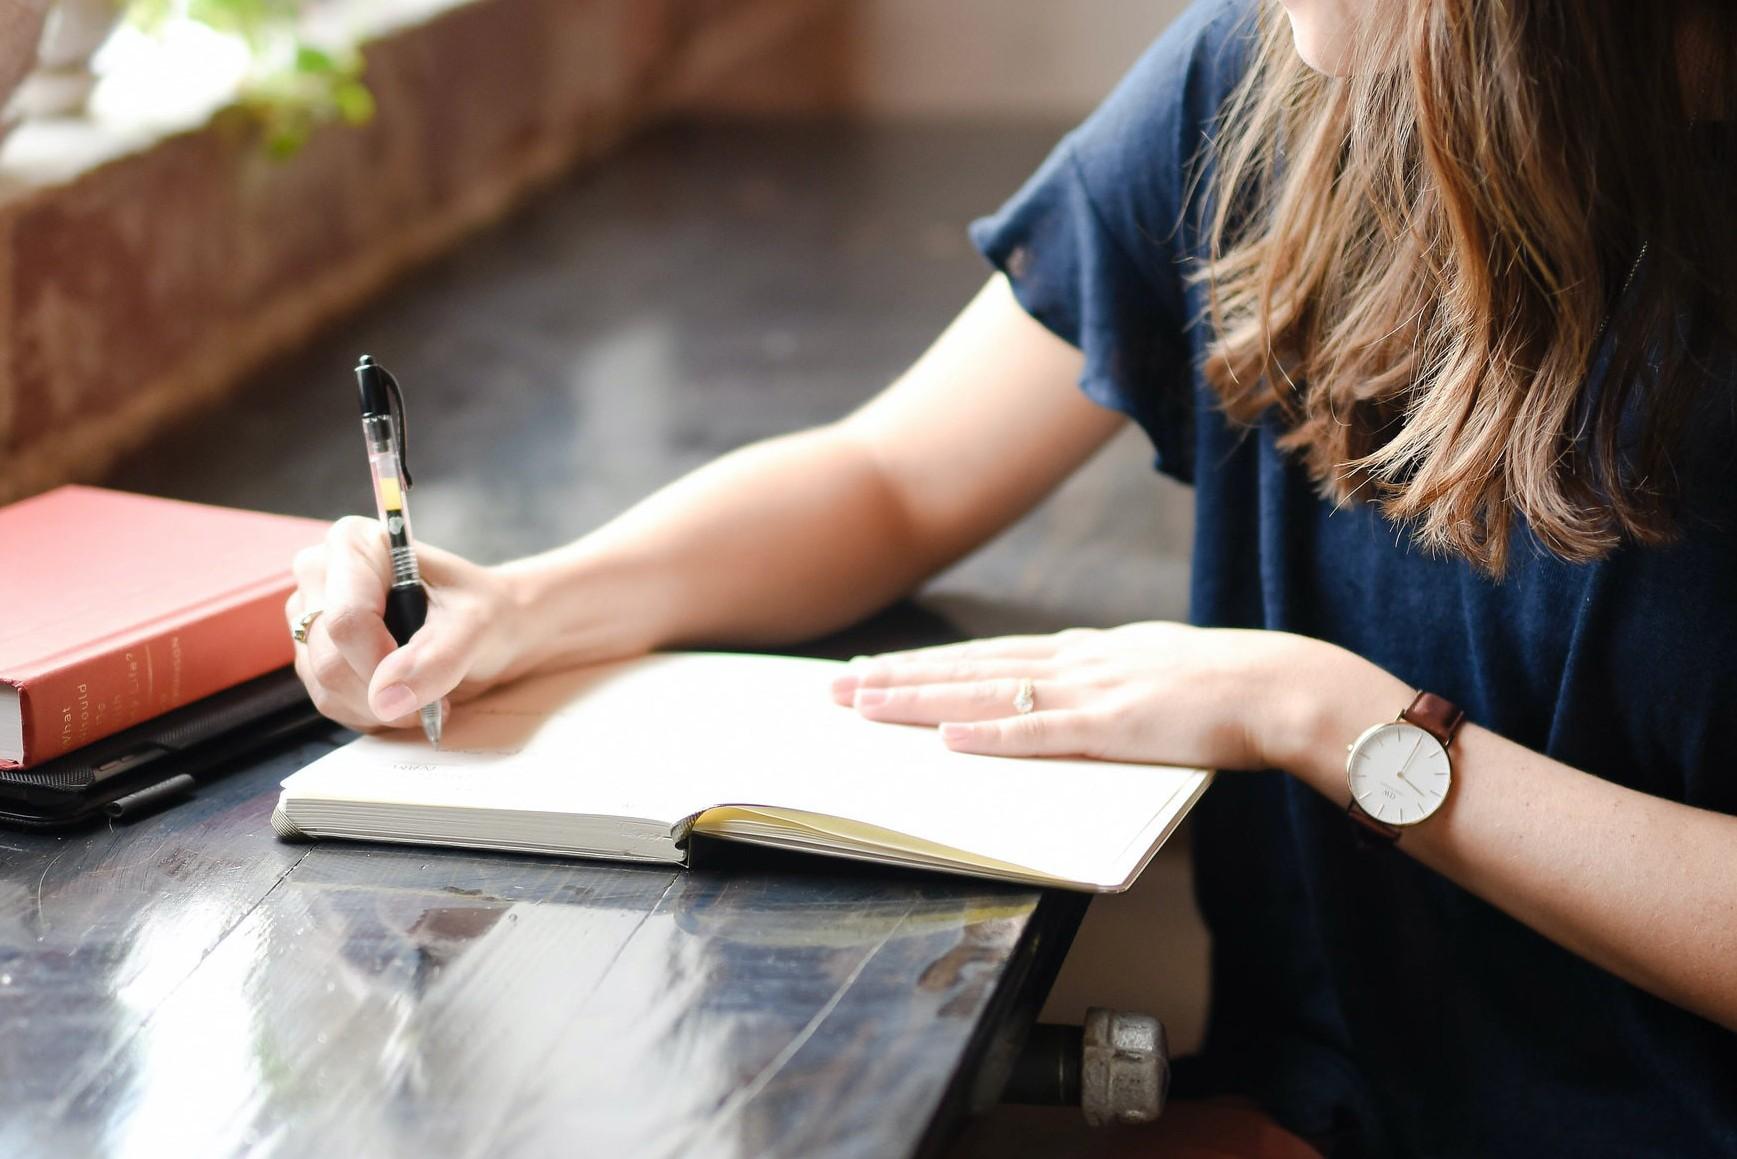 Eine junge Frau mit Stift und Notizbuch